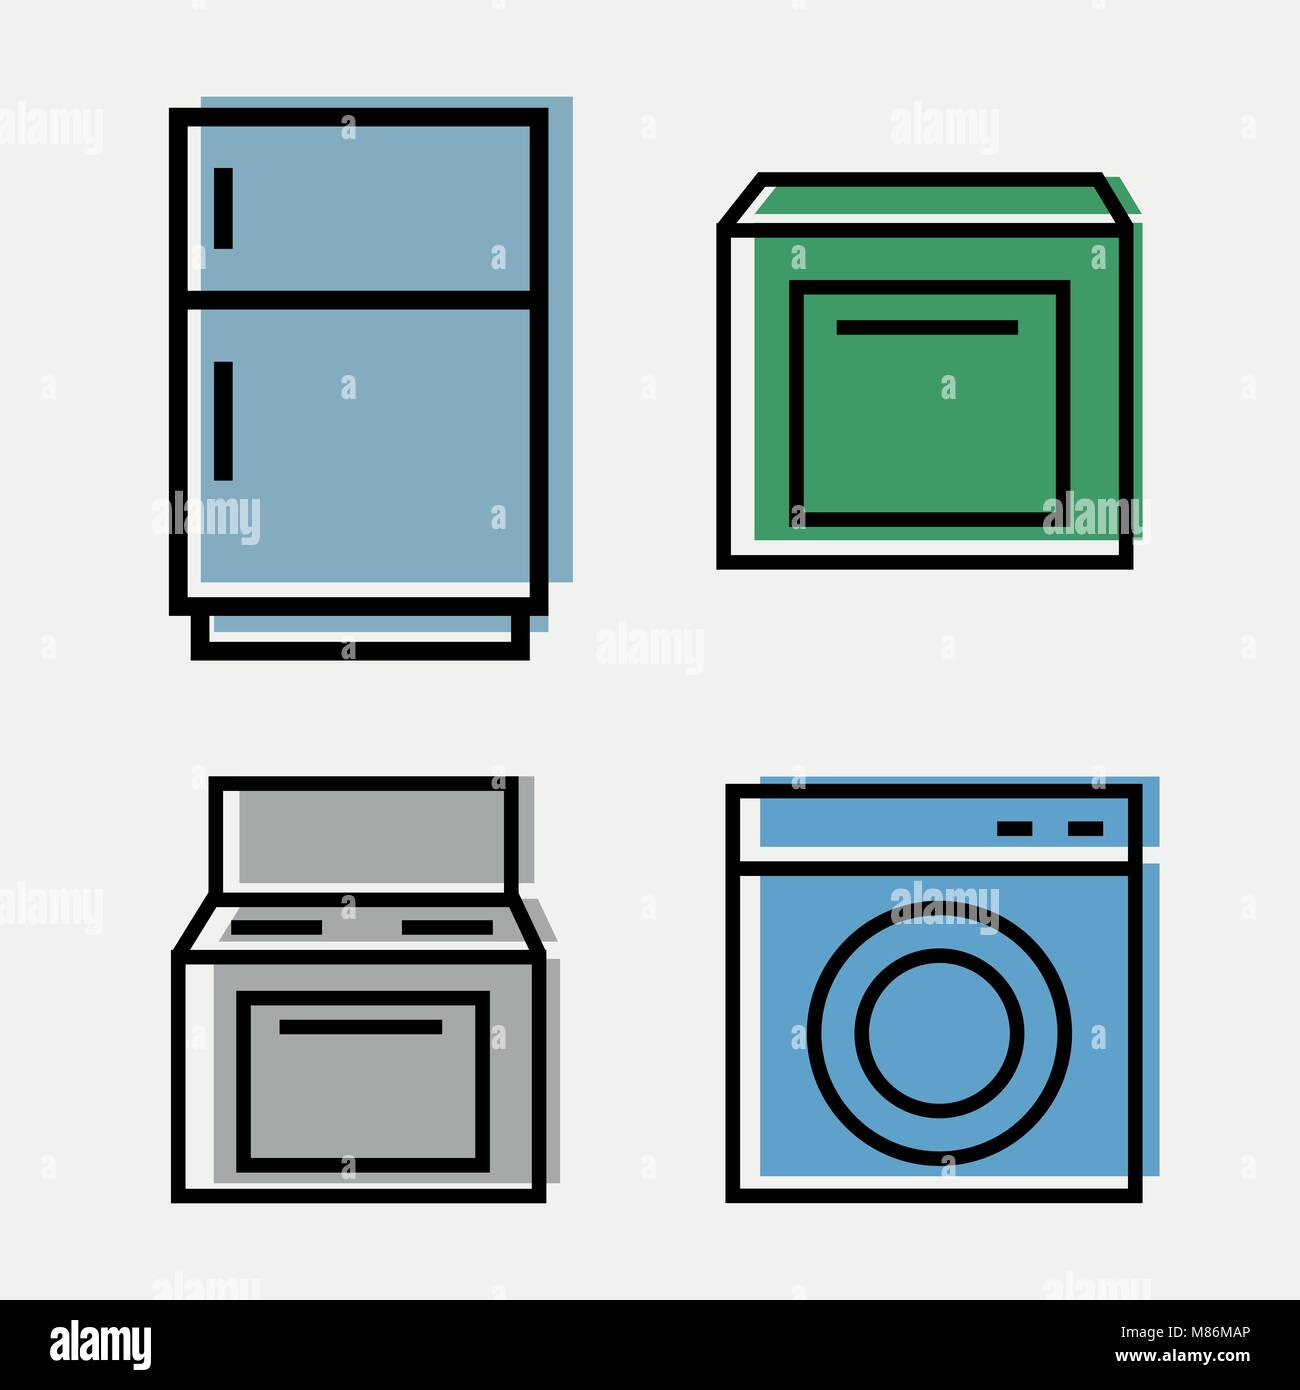 Kitchen Appliances Web - set of 4 icons - fridge, plate, Washer, Dishwasher - Stock Image